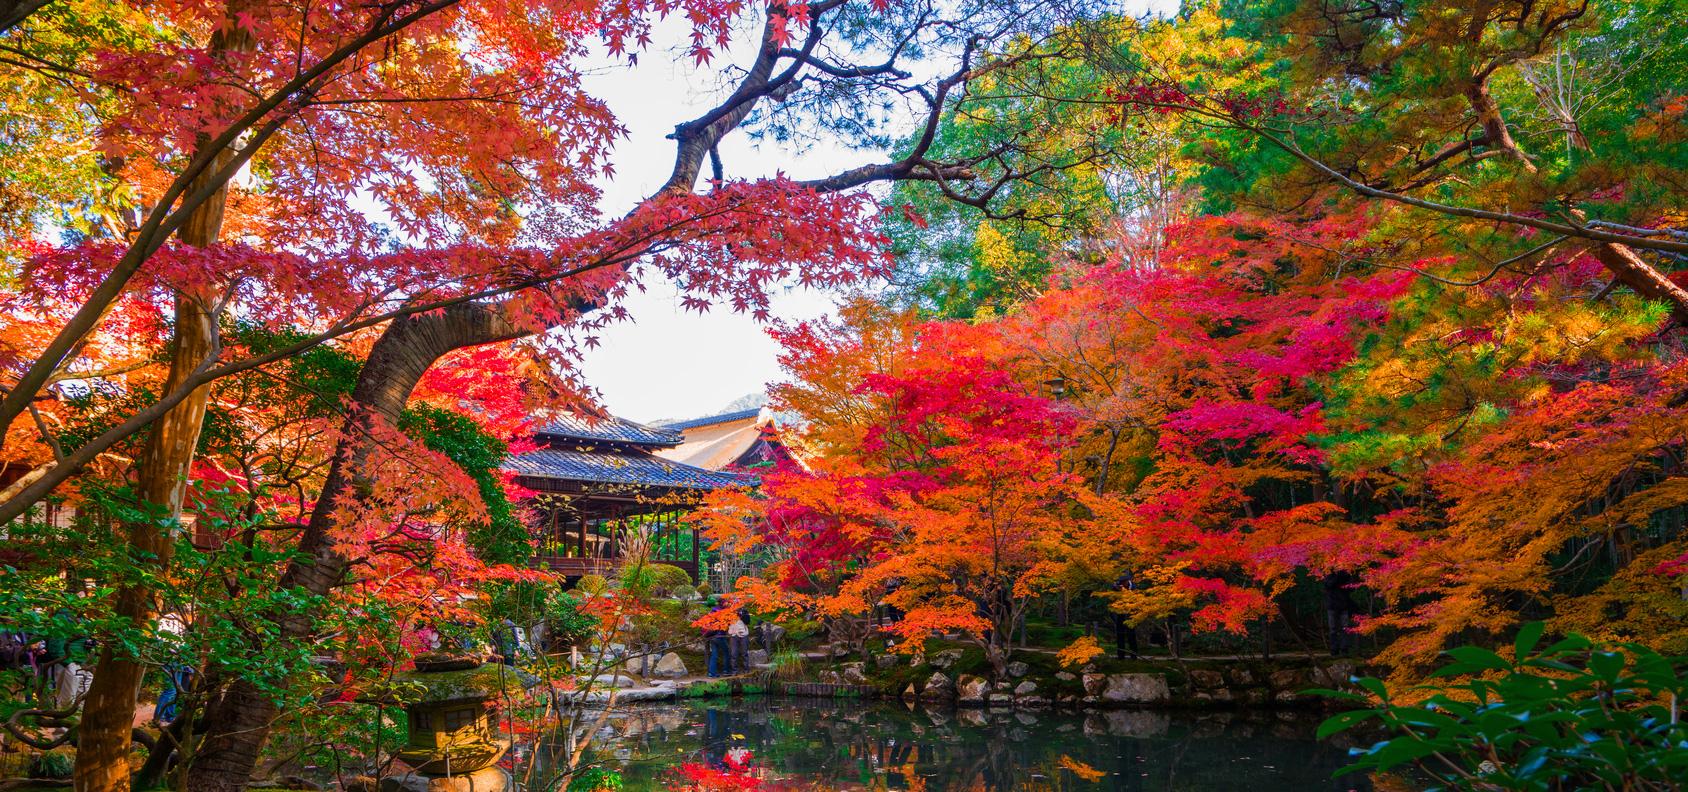 紅葉旅行・ツアー特集 2017 | 国内旅行・国内ツアーは日本旅行